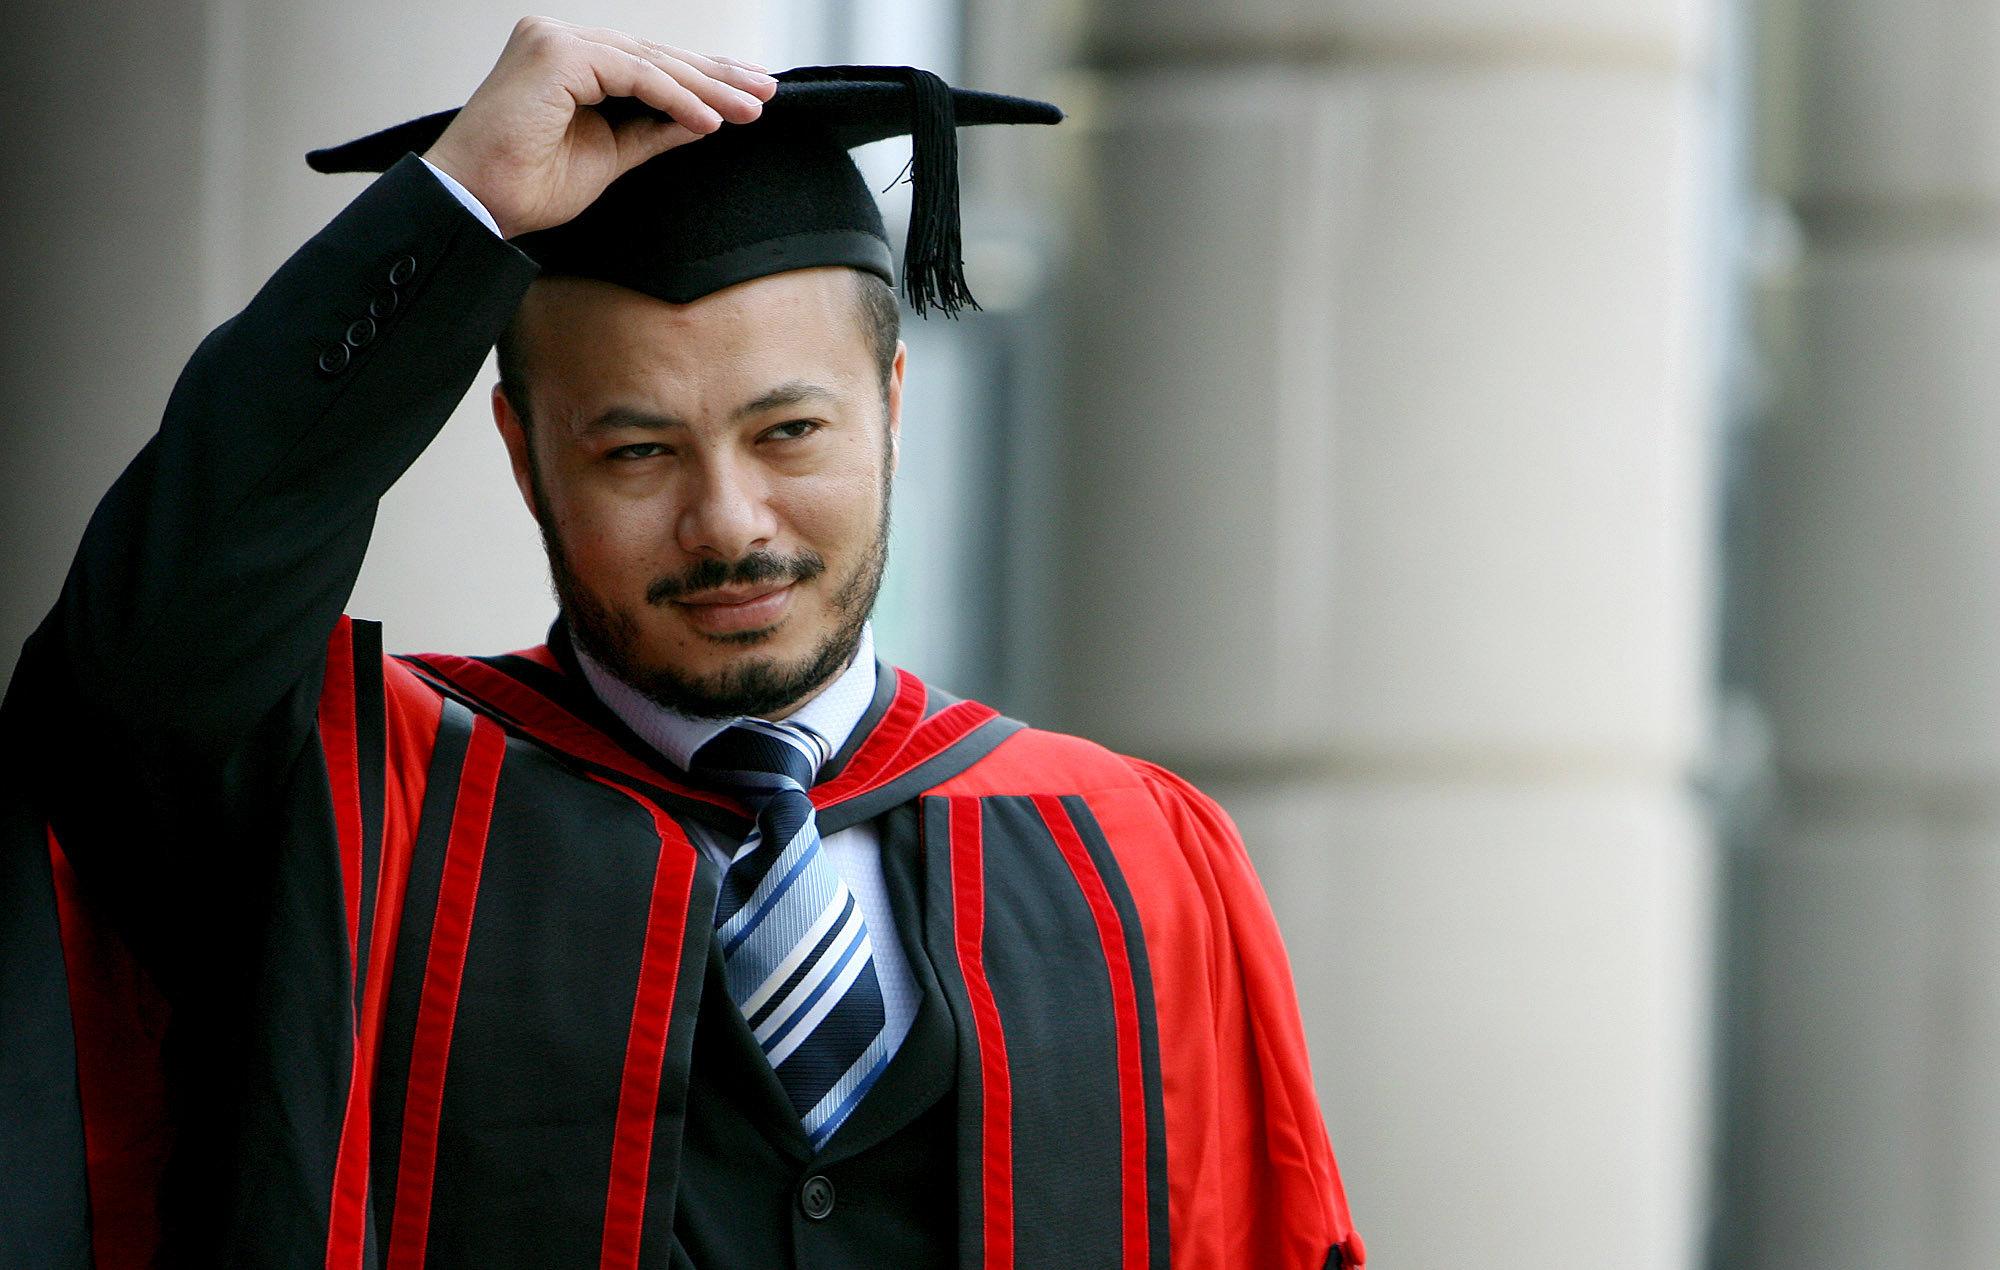 El hijo mayor Muhamad Gadafi posa ante los fotógrafos tras graduarse de la Universidad de Liverpool.